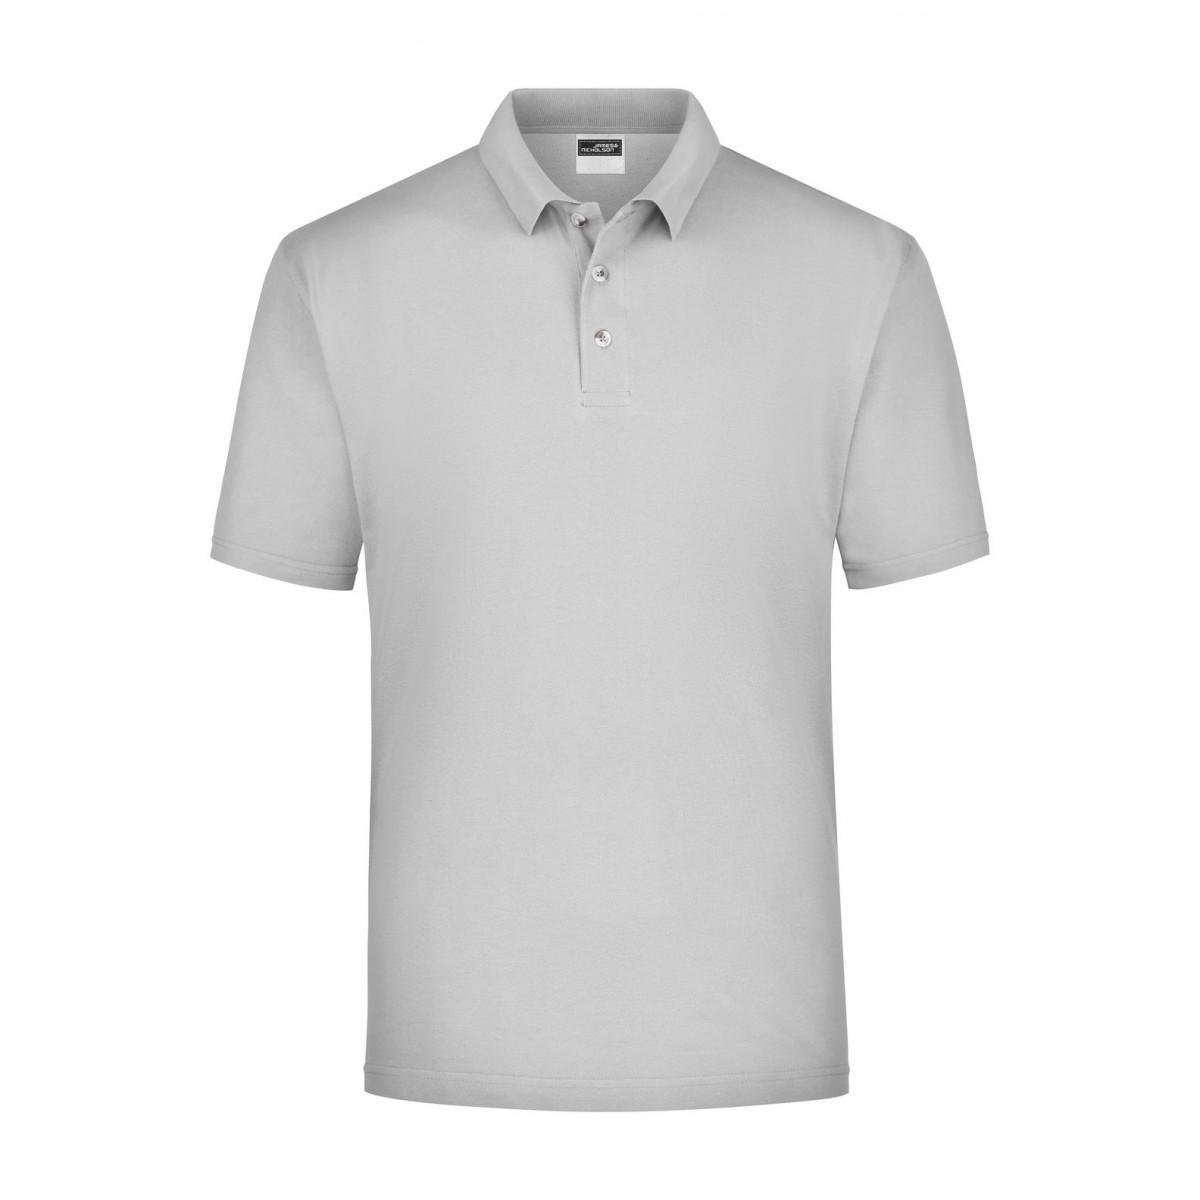 Рубашка поло мужская JN020 Polo Piqué Medium - Светло-серый